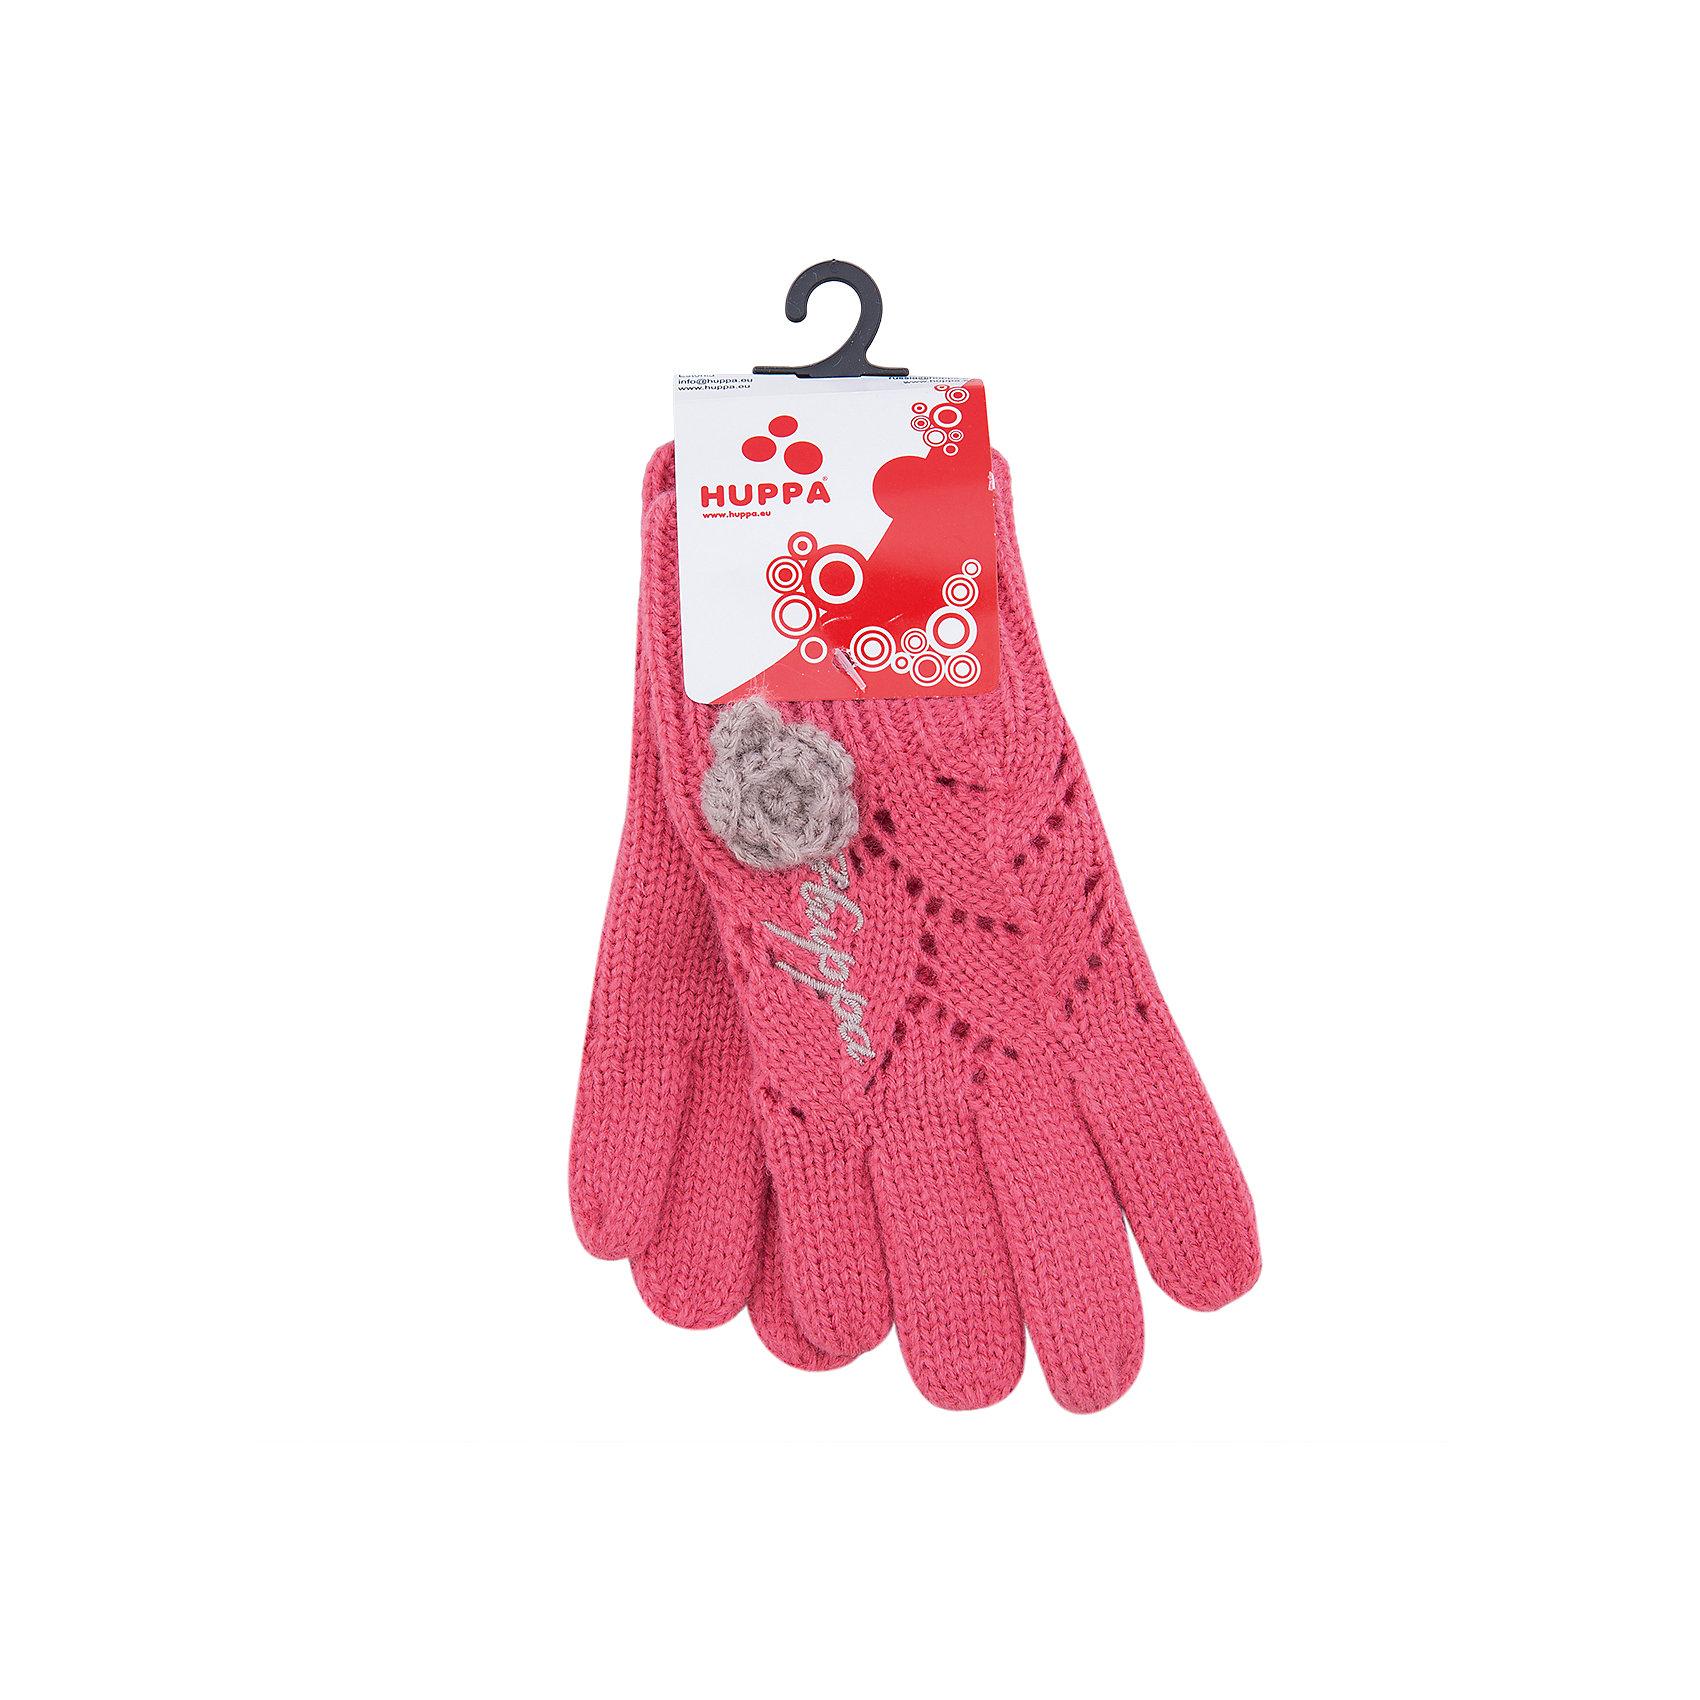 Перчатки для девочки HuppaПерчатки, варежки<br>Вязаные перчатки Leila Huppa(Хуппа) изготовлены из качественного акрила, отлично сохраняющего тепло. Перчатки имеют широкую резинку на запястье и хорошо держатся на руках. Украшены кружевными элементами, красивым цветком и вышивкой. Такие очаровательные перчатки по достоинству оценит юная леди.<br><br>Дополнительная информация:<br>Цвет: коралловый<br>Материал: 100% акрил<br><br>Перчатки Leila Huppa вы можете приобрести в нашем интернет-магазине.<br><br>Ширина мм: 162<br>Глубина мм: 171<br>Высота мм: 55<br>Вес г: 119<br>Цвет: розовый<br>Возраст от месяцев: 12<br>Возраст до месяцев: 24<br>Пол: Женский<br>Возраст: Детский<br>Размер: 2,4,3<br>SKU: 4923739